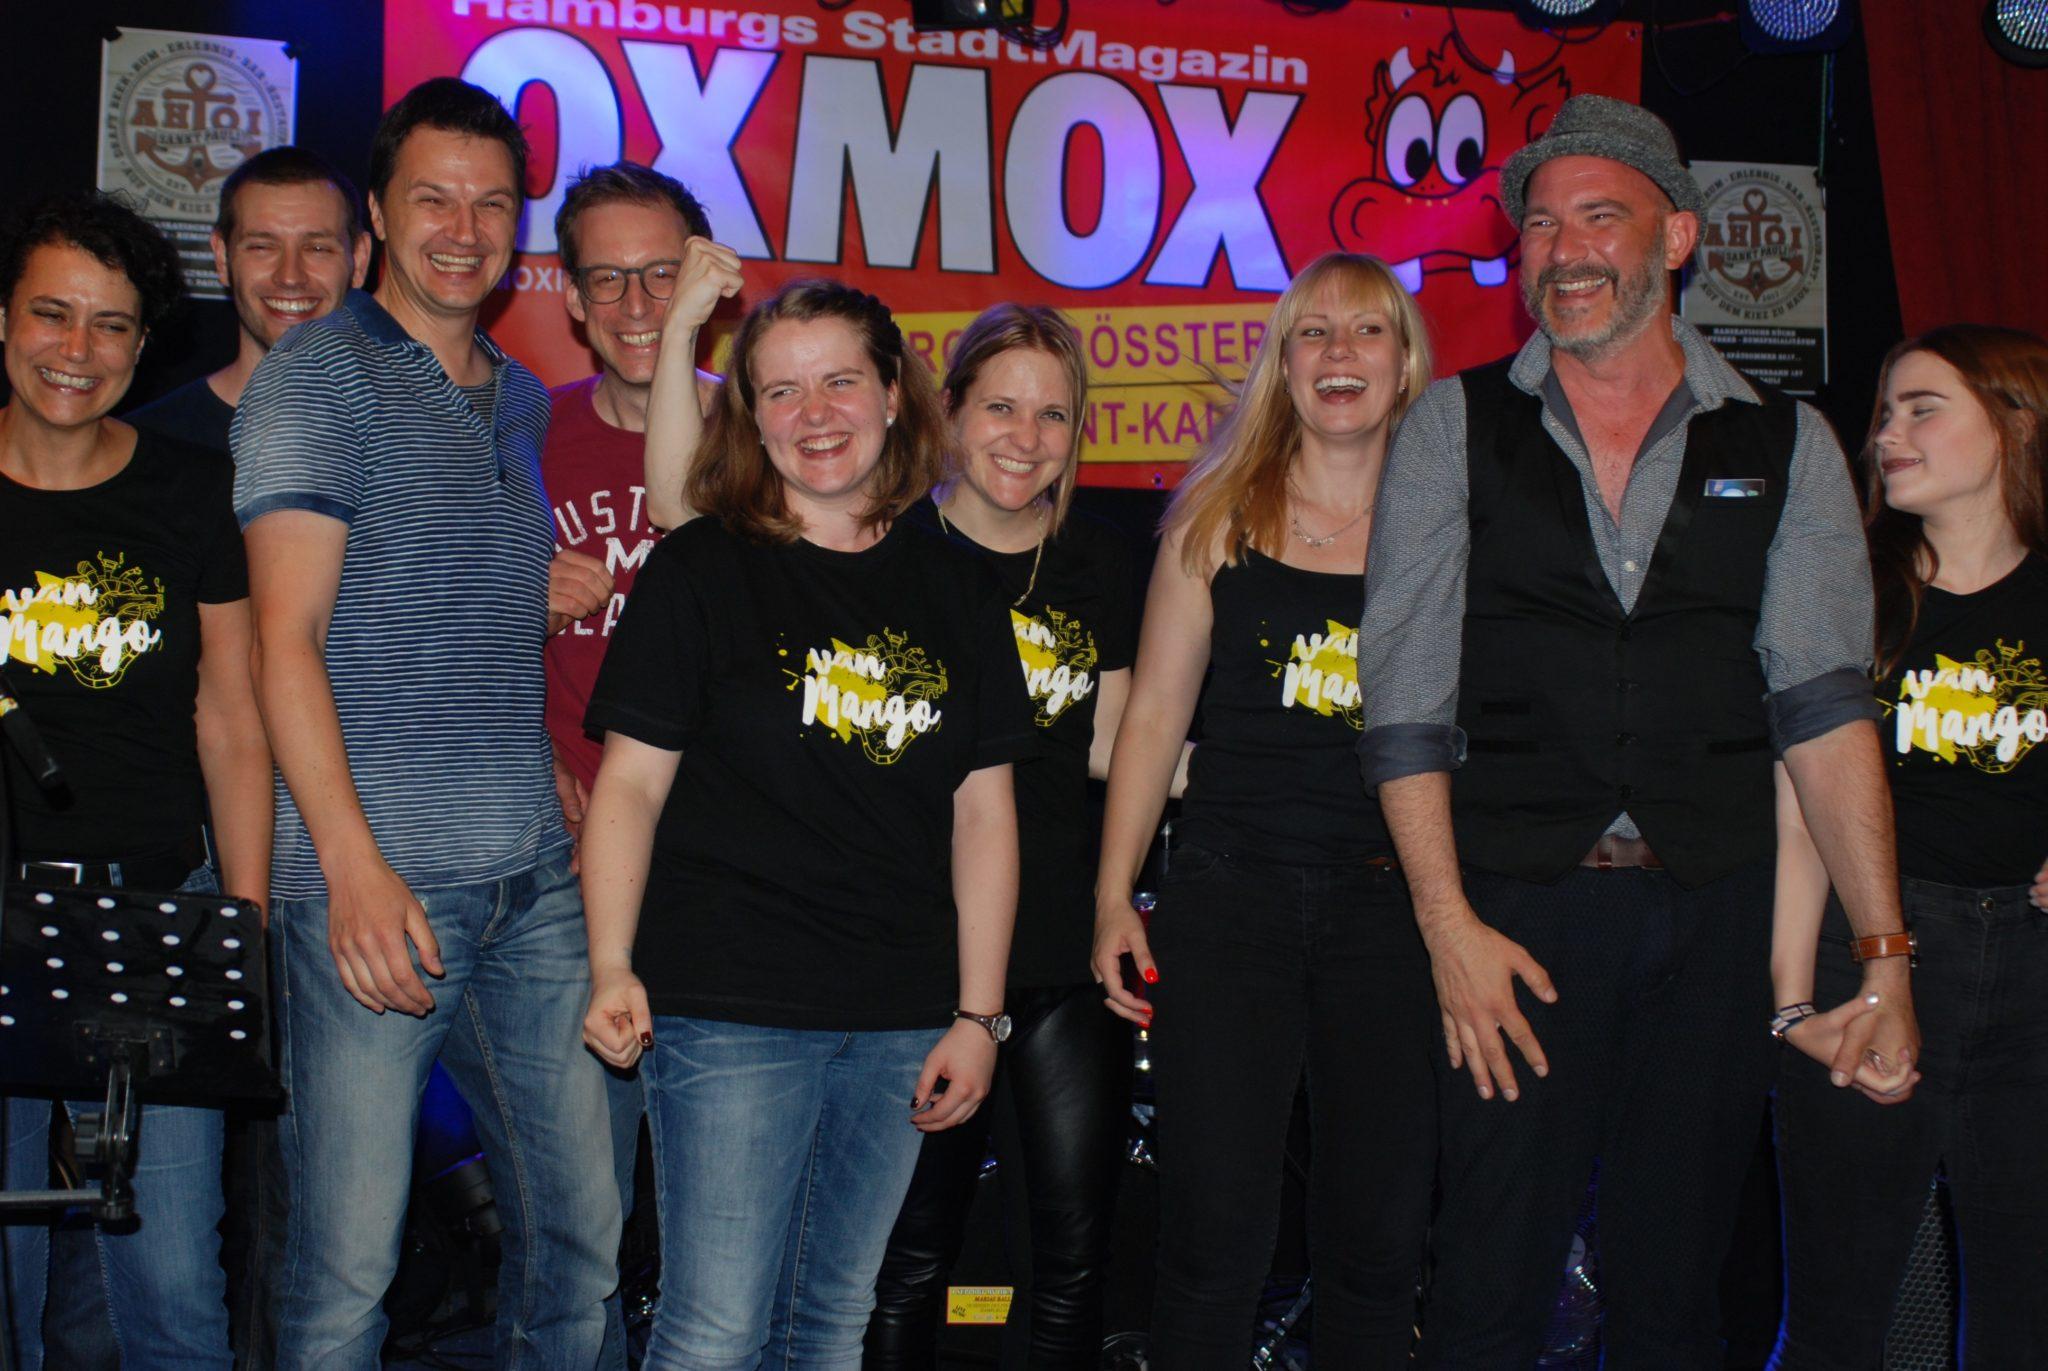 DSC 3416 - OXMOX PRESENTS: EXKL. FOTOS DES 32. HAMBURG-BANDCONTEST HALBFINALES (06.07.17)